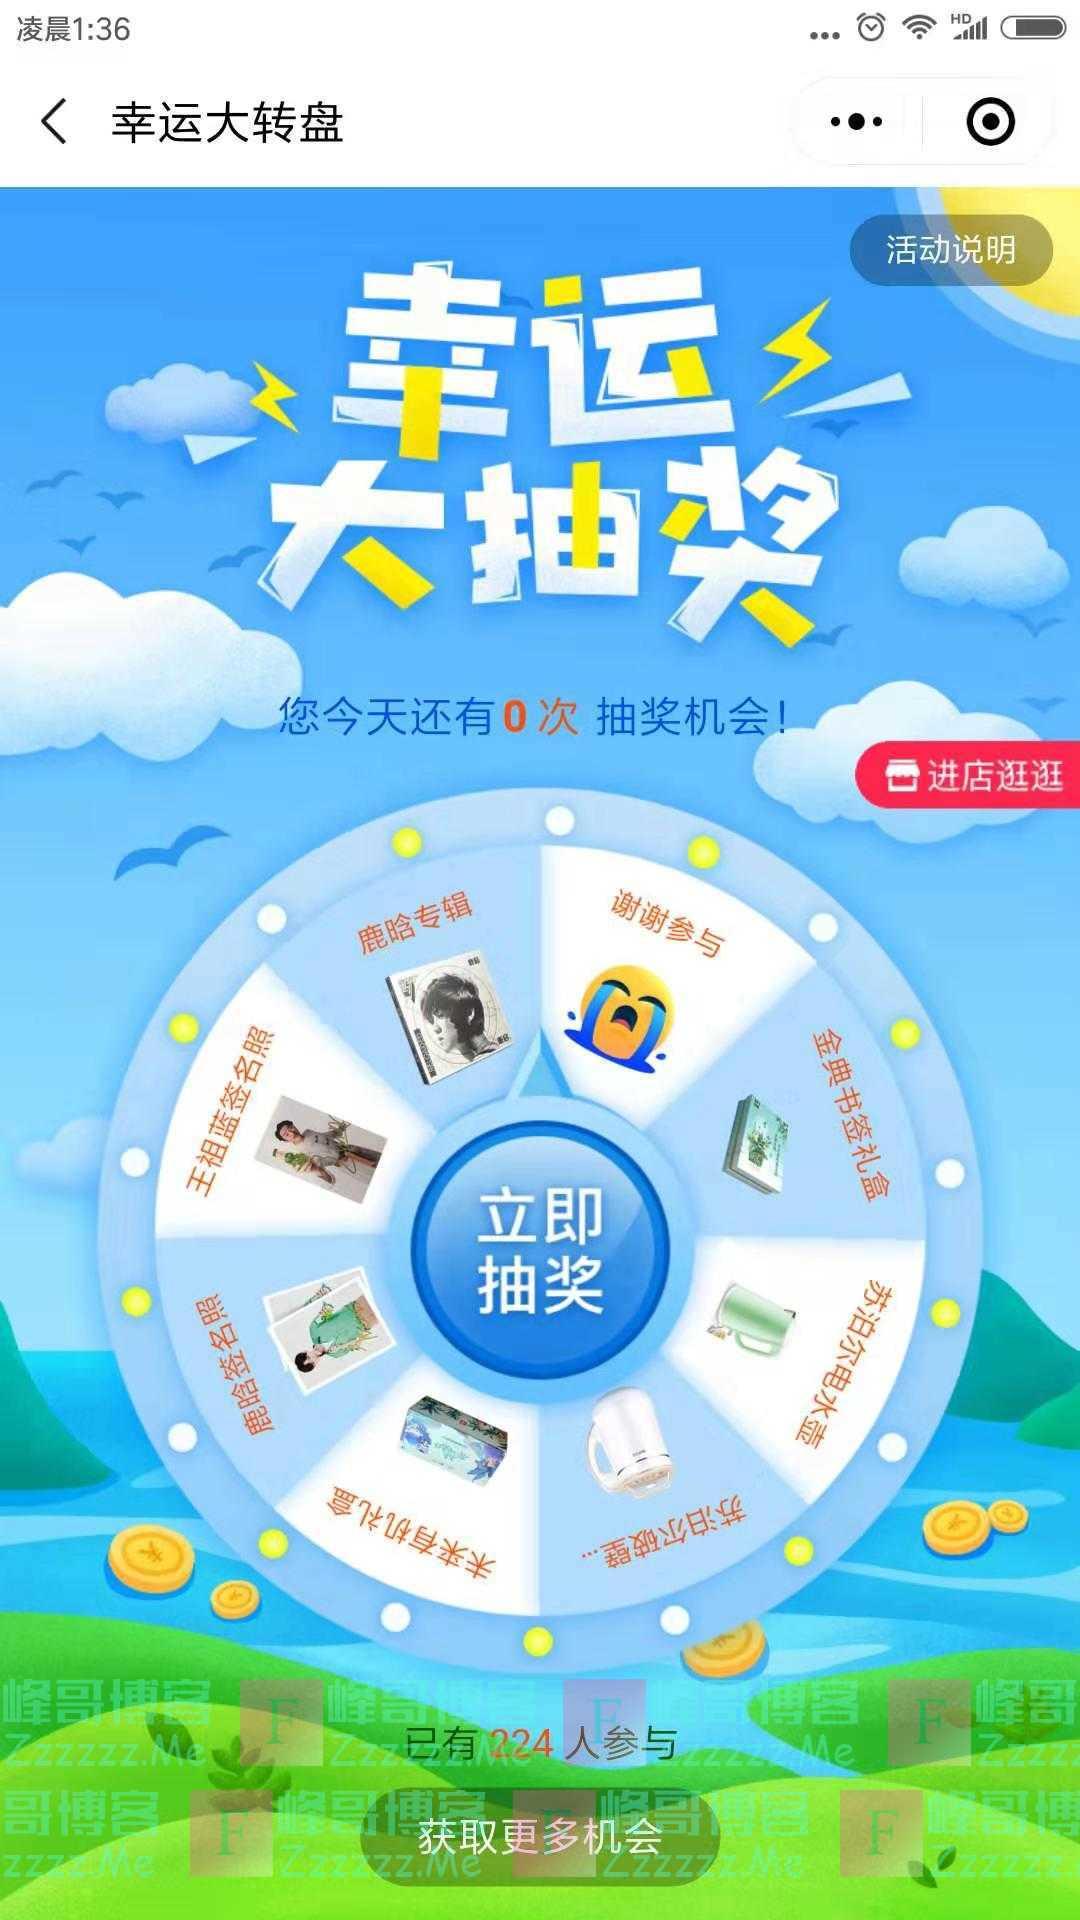 京东伊利牛奶 幸运大转盘(截止11月15日)